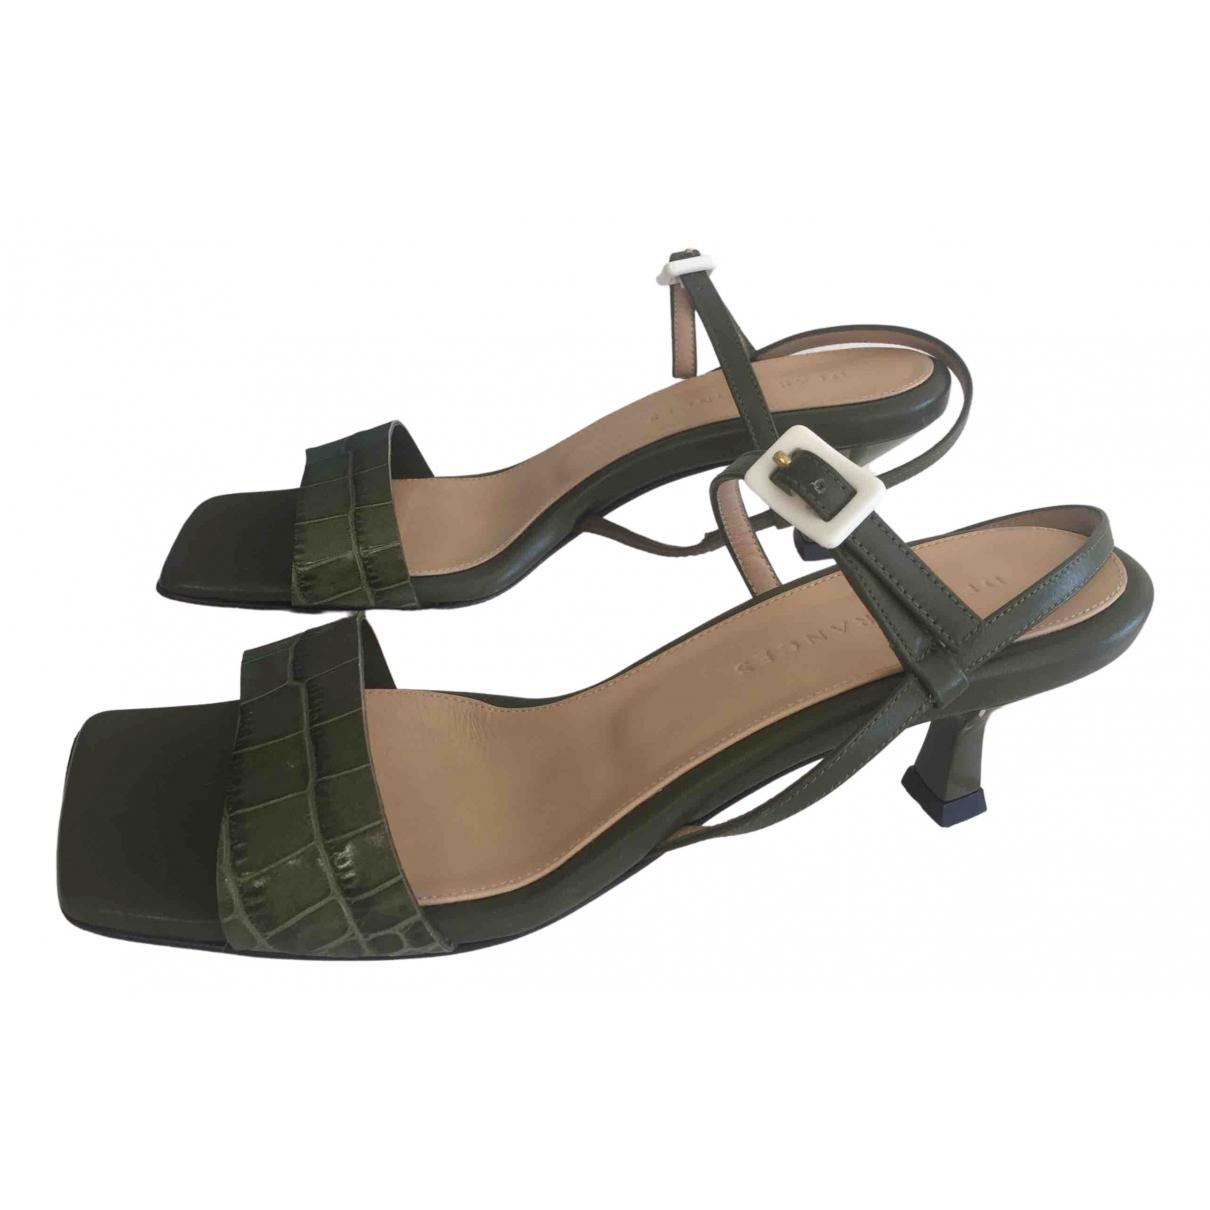 Sandalias romanas de Cuero Dear Frances